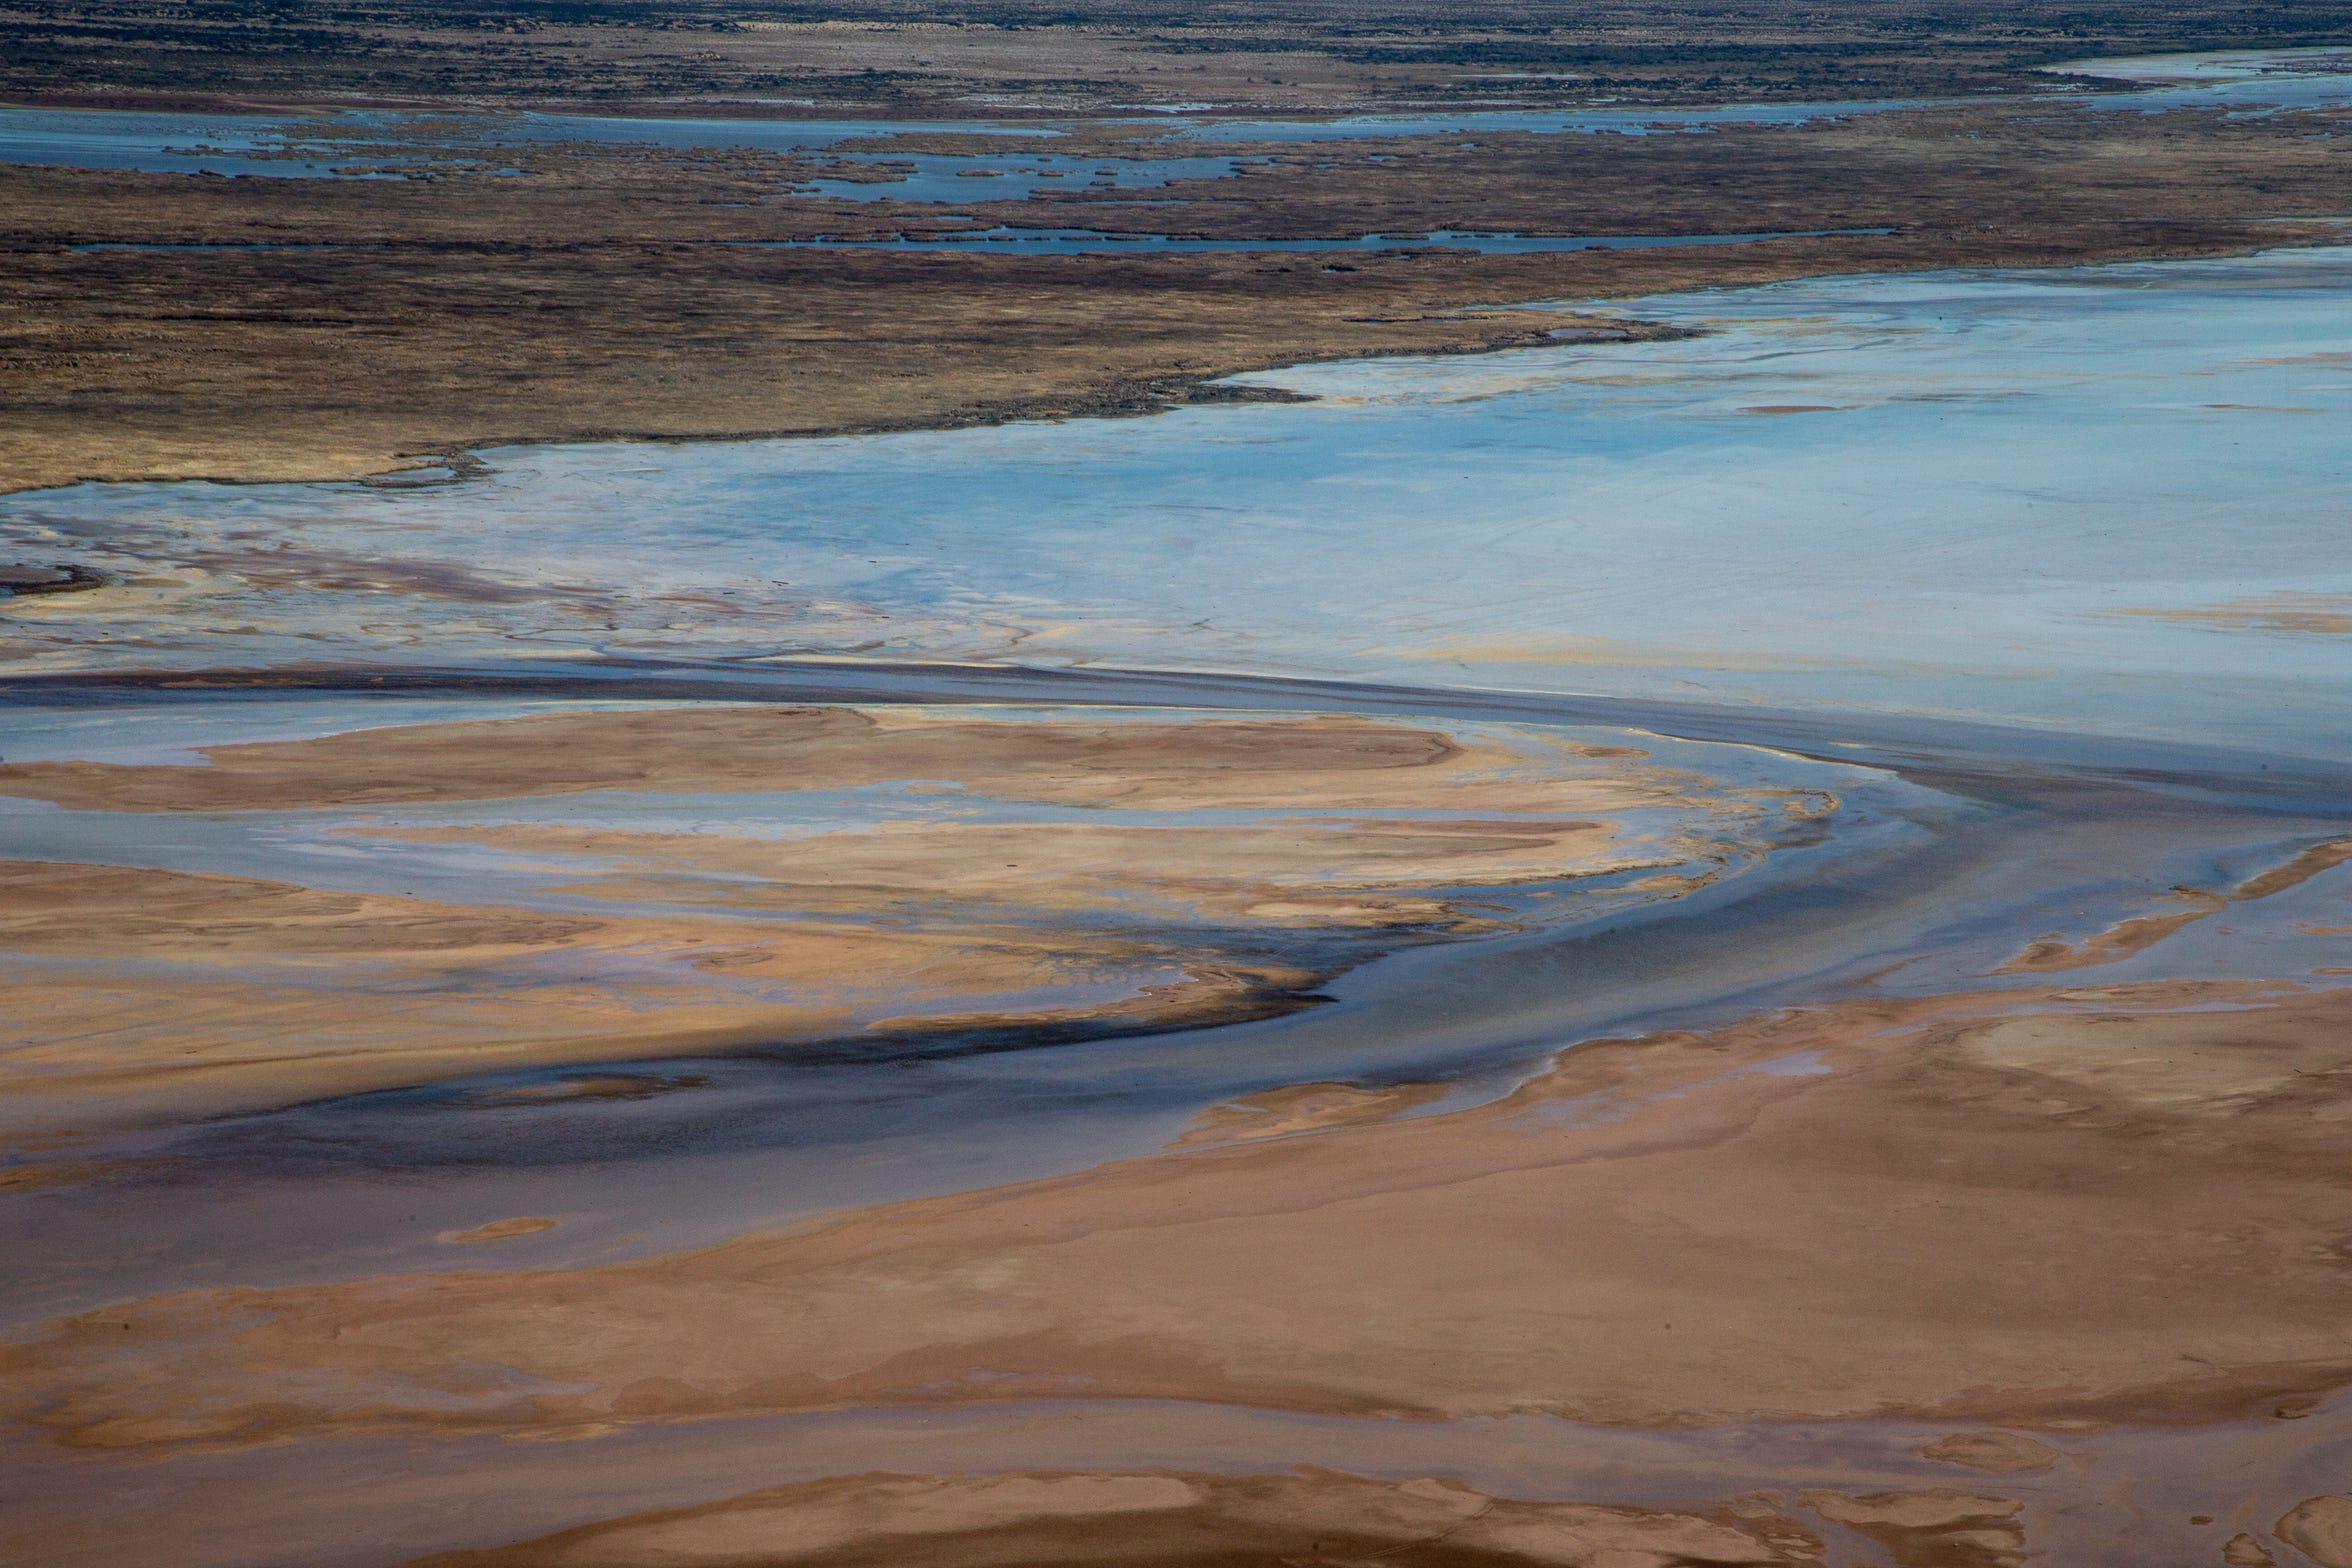 Los humedales y marismas de la Cienega de Santa Clara son parte de la Reserva de la Biosfera del Delta del Río Colorado en Sonora, México.